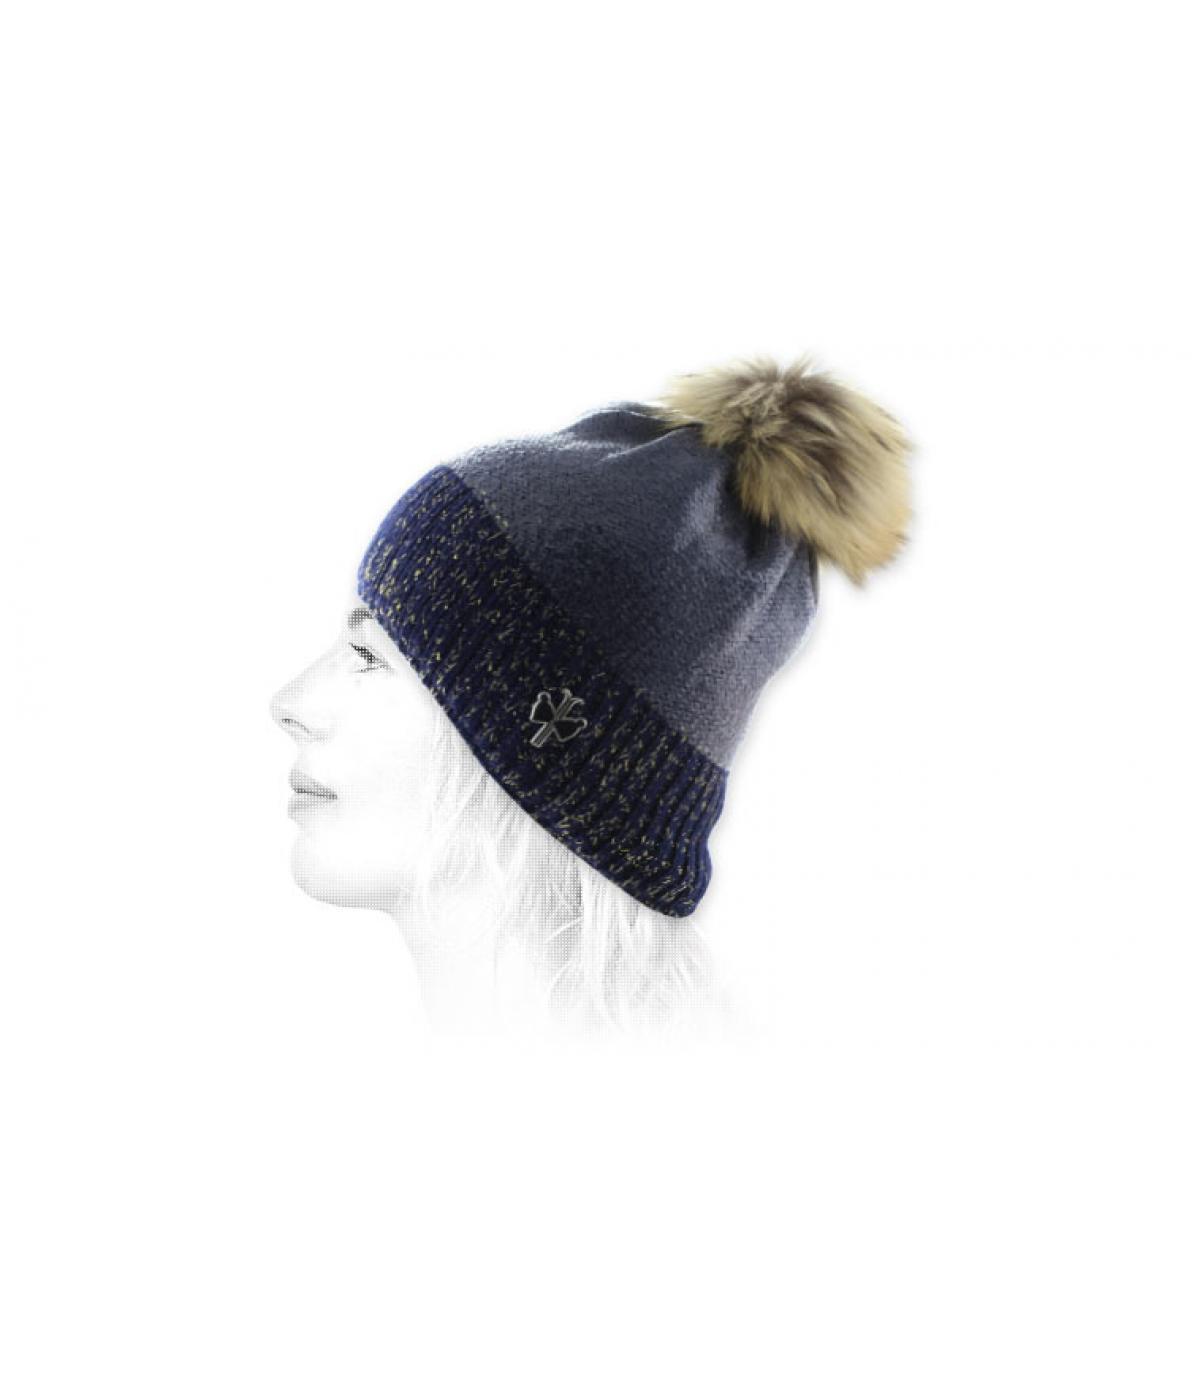 Bommel Mütze Fell blau